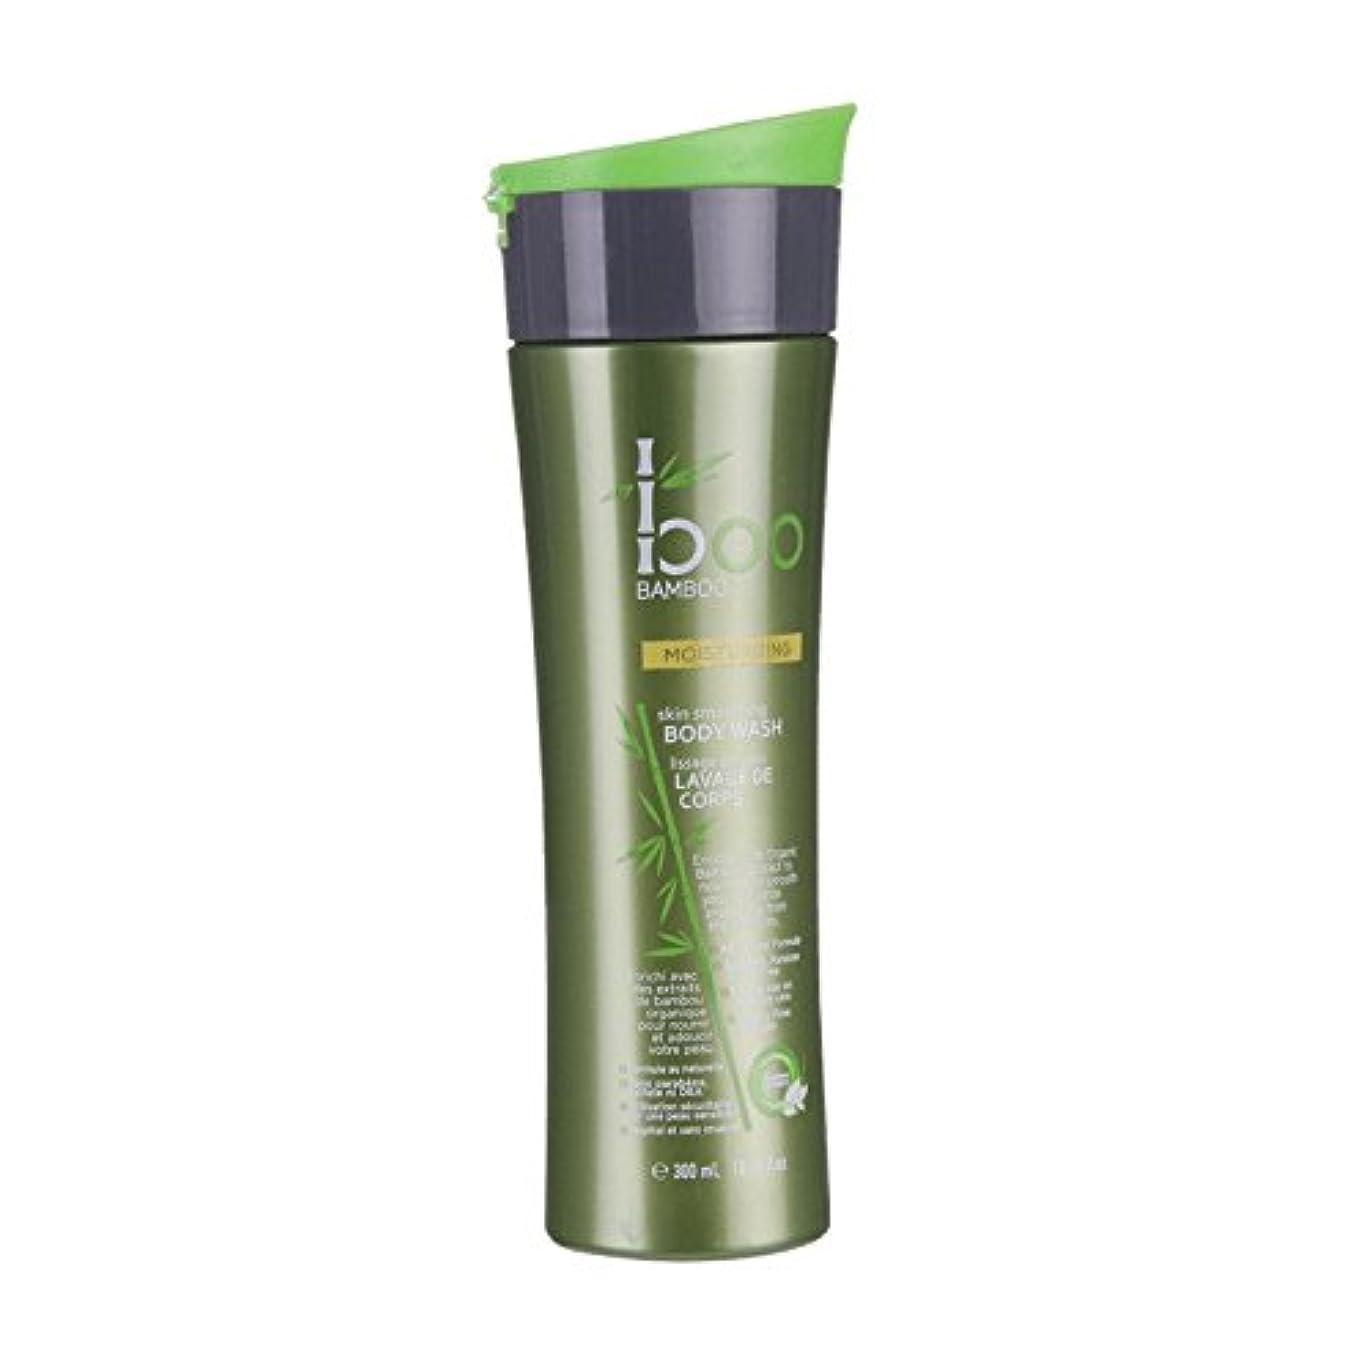 近代化するファイター異常Boo Bamboo Moist Body Wash 300ml (Pack of 6) - 竹しっとりボディウォッシュ300ミリリットルブーイング (x6) [並行輸入品]